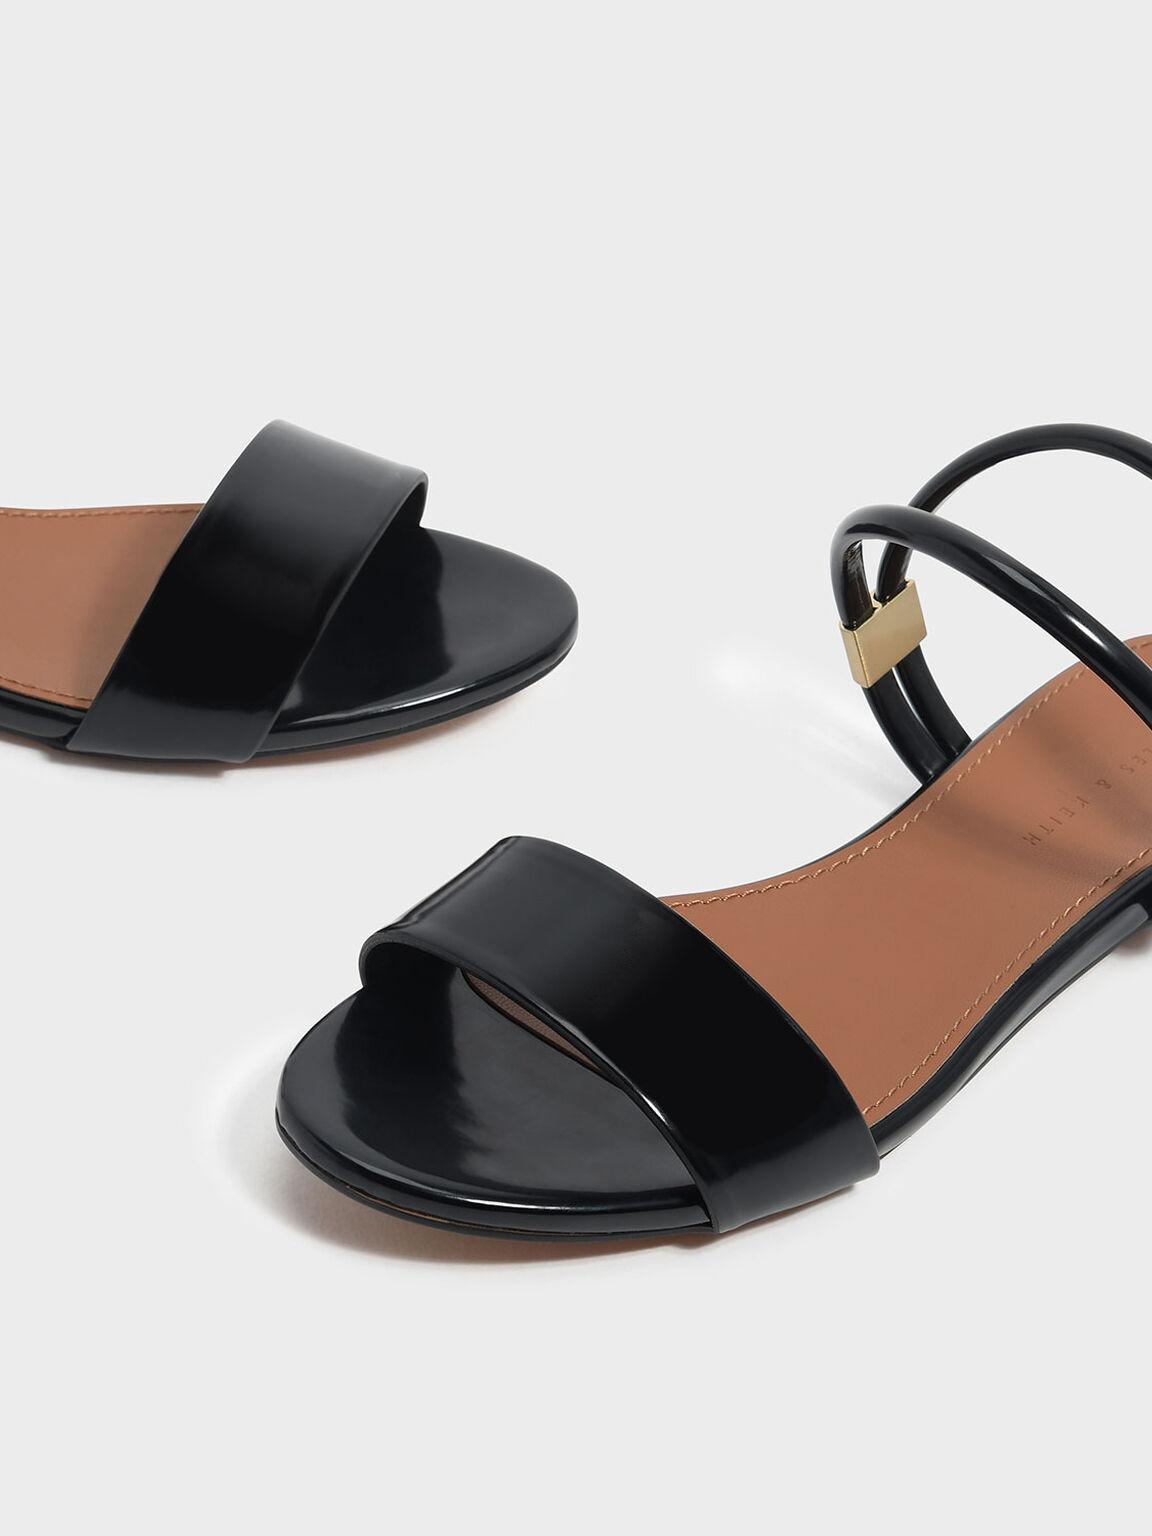 Two Way Sandals, Black, hi-res